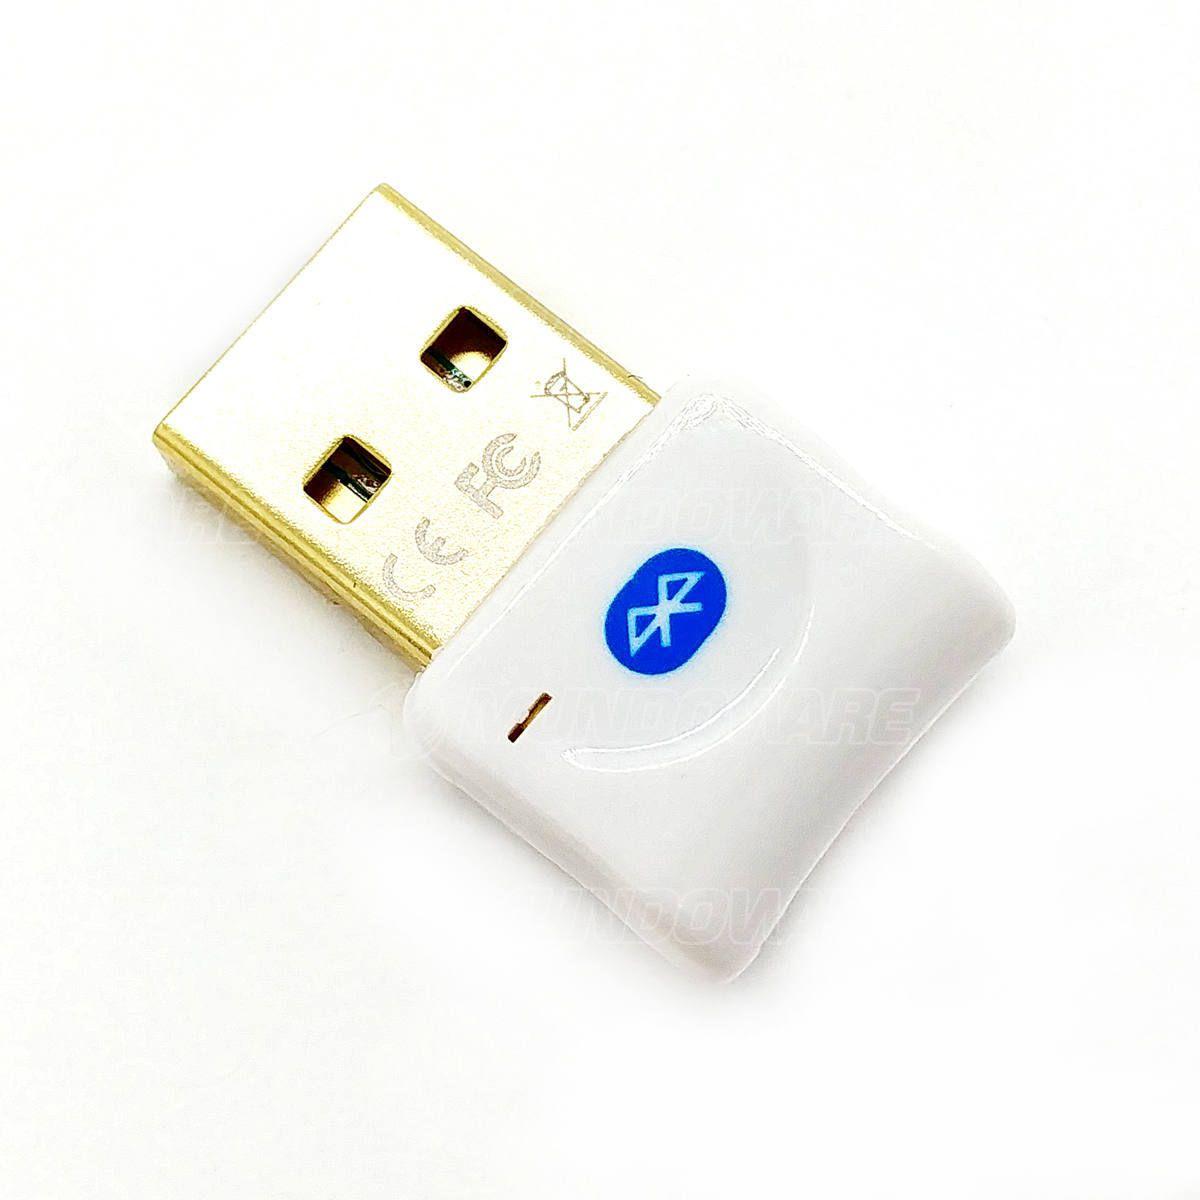 Adaptador Bluetooth 4.0 USB para PC Computador Notebook JC-BLU01 Dongle